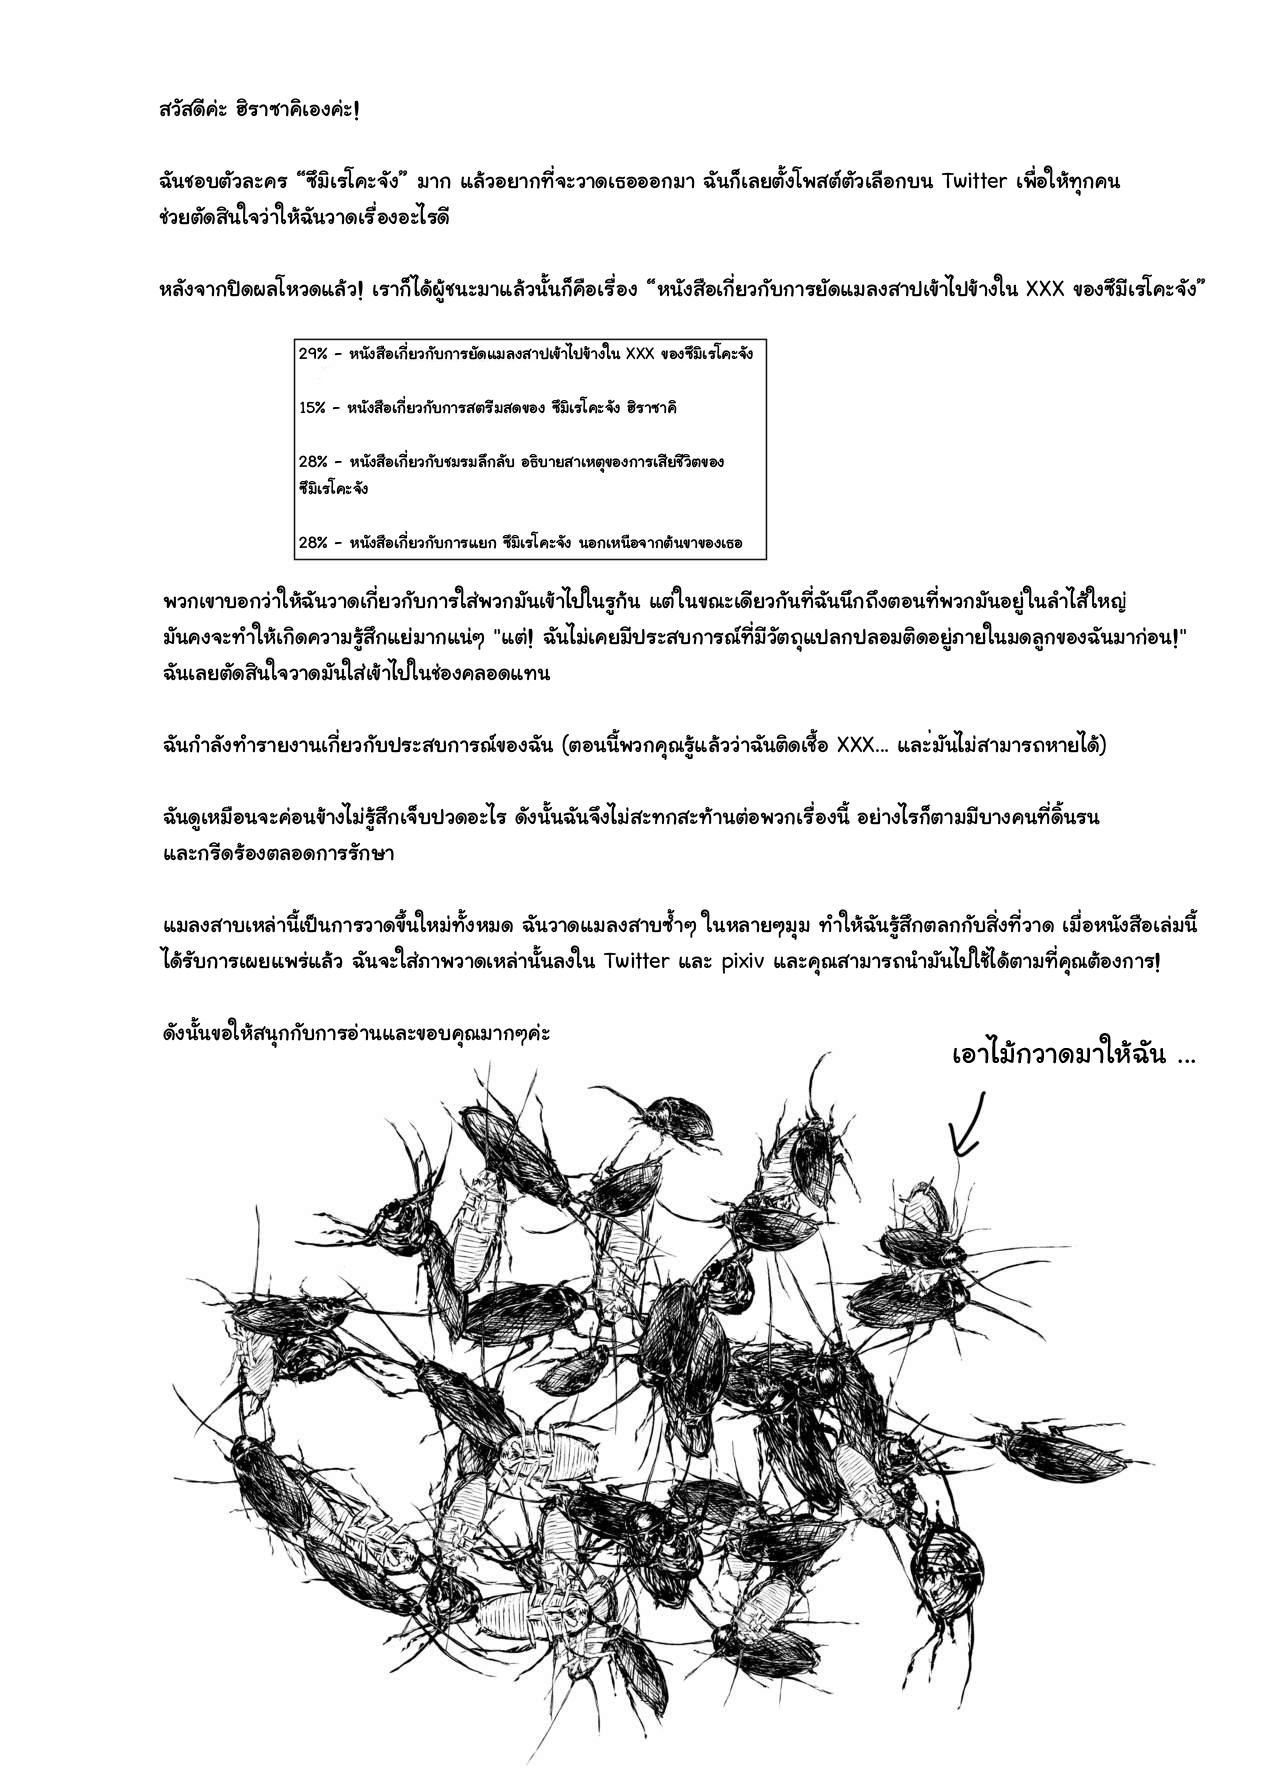 หนังสือวิธียัดแมลงสาปเข้าไปข้างในของซึมิเรโคะจัง ภาพ 31